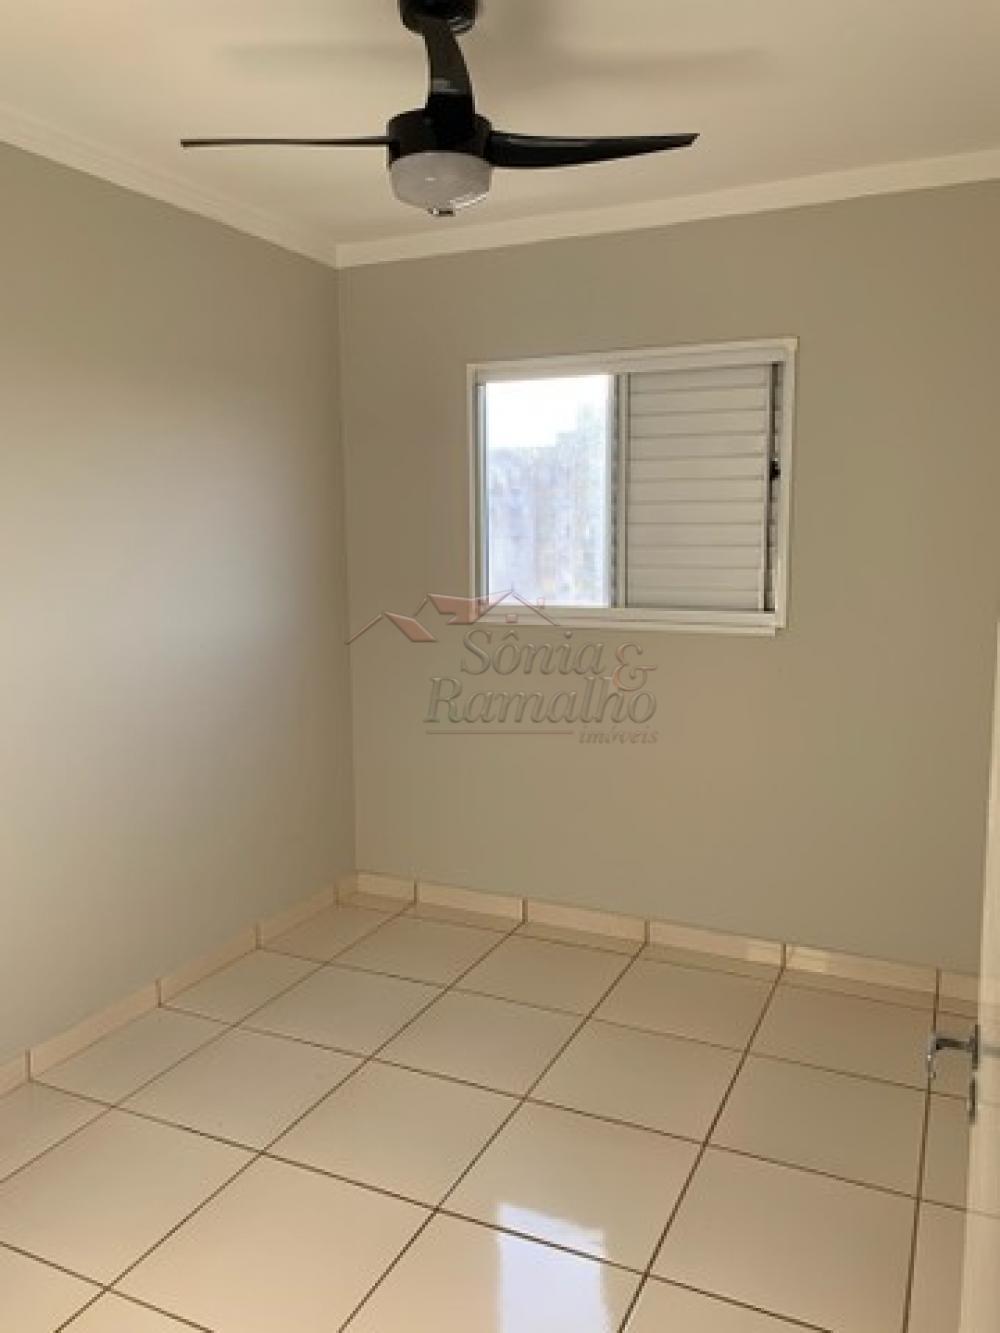 Comprar Apartamentos / Padrão em Ribeirão Preto R$ 180.000,00 - Foto 10